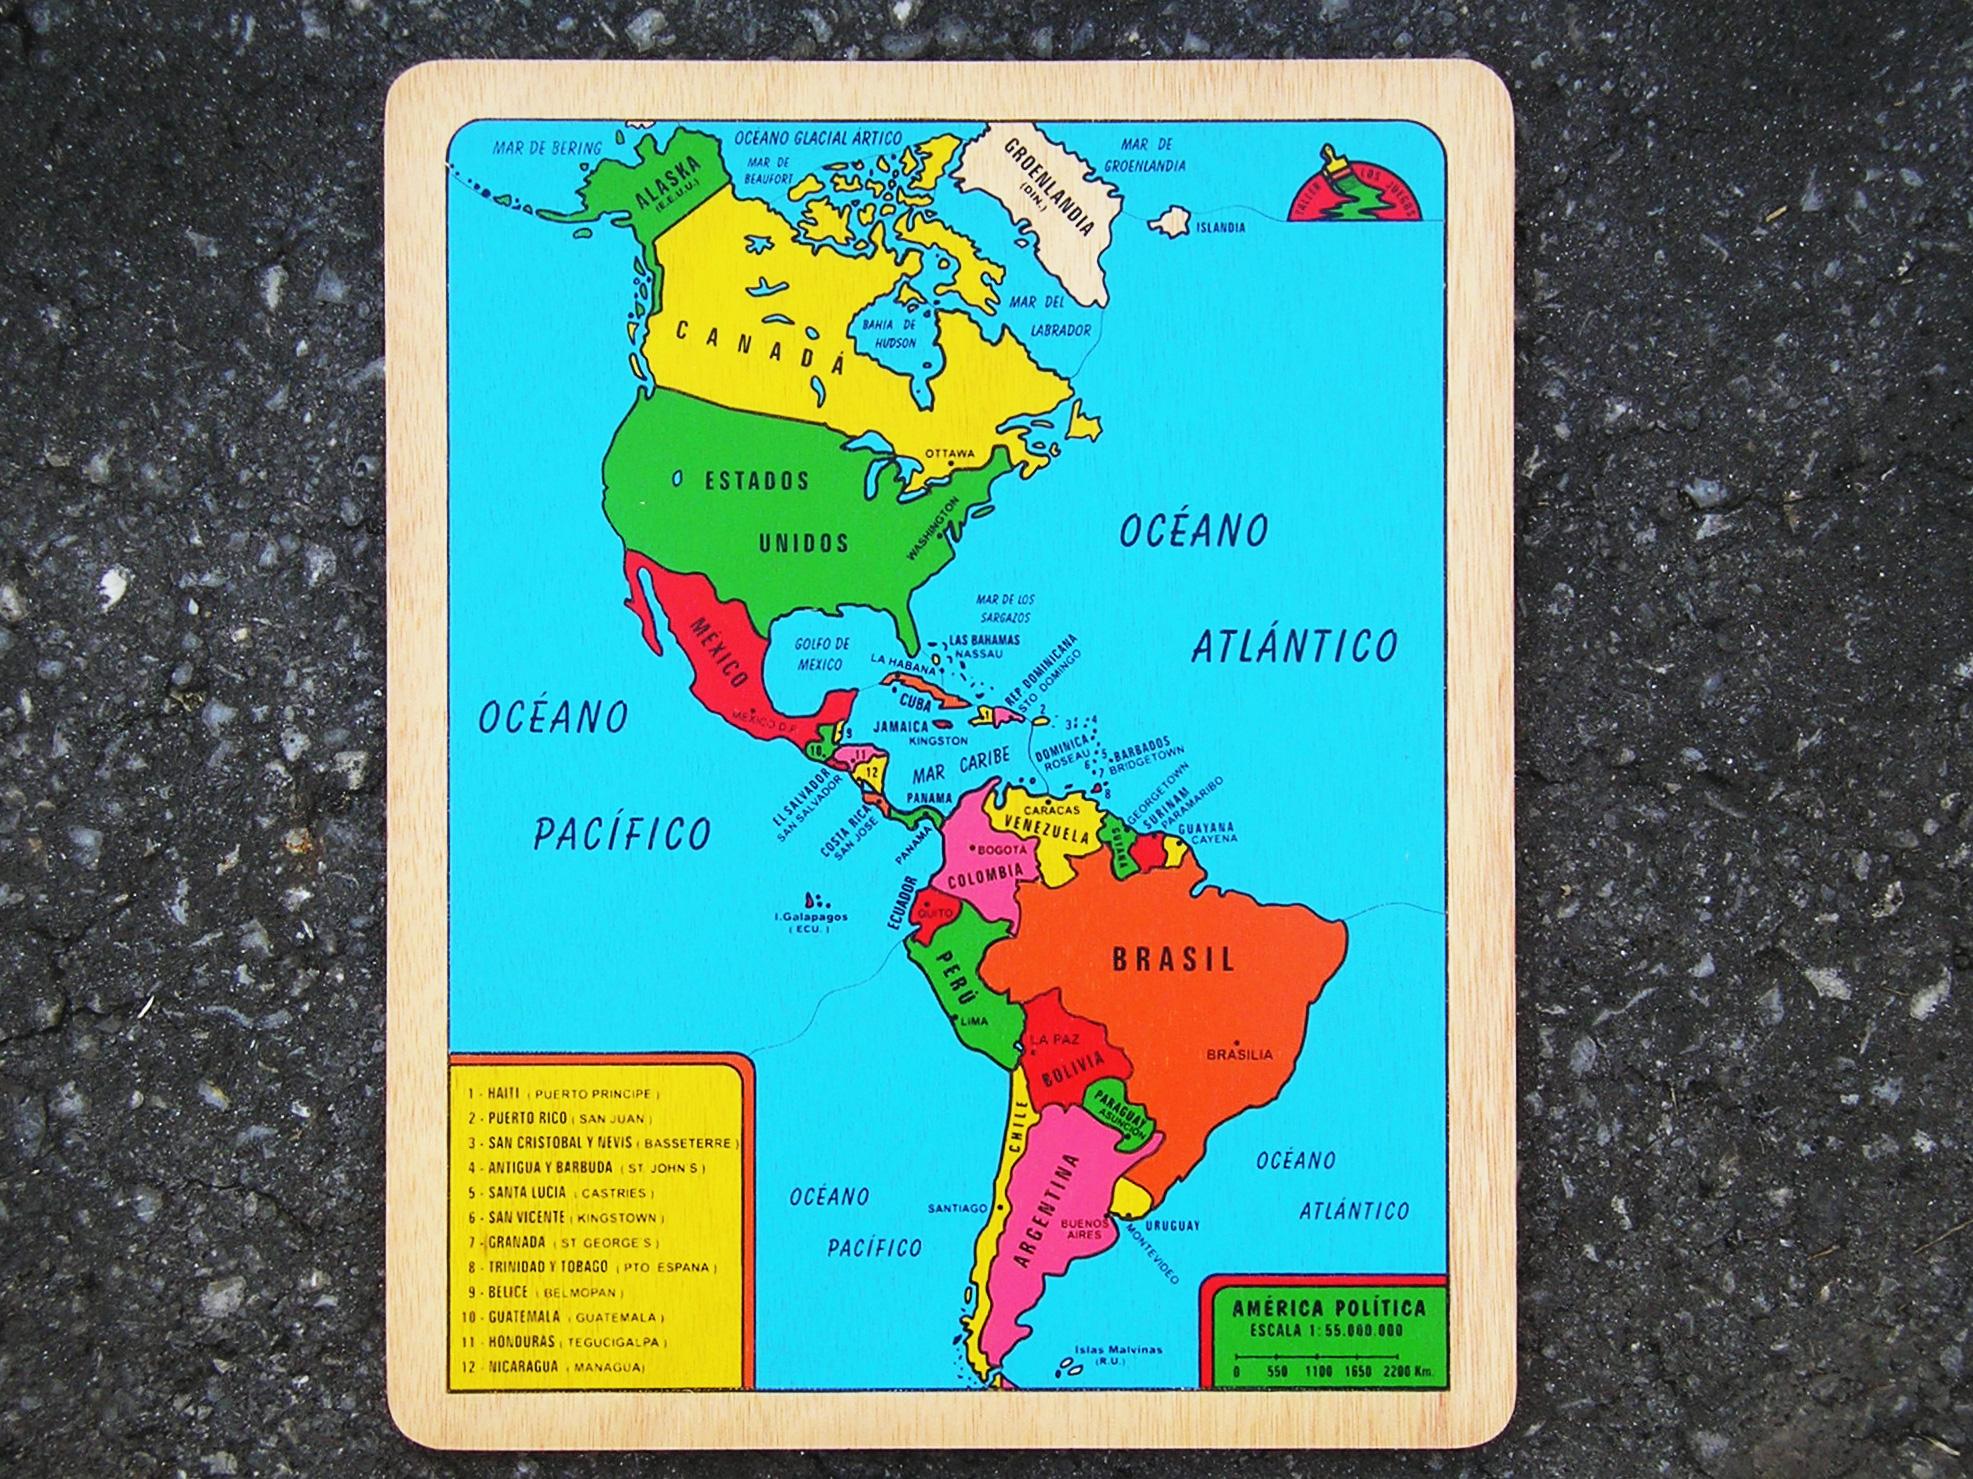 AMÉRICA Puzzle Taller Los Juegos - America mapa juego